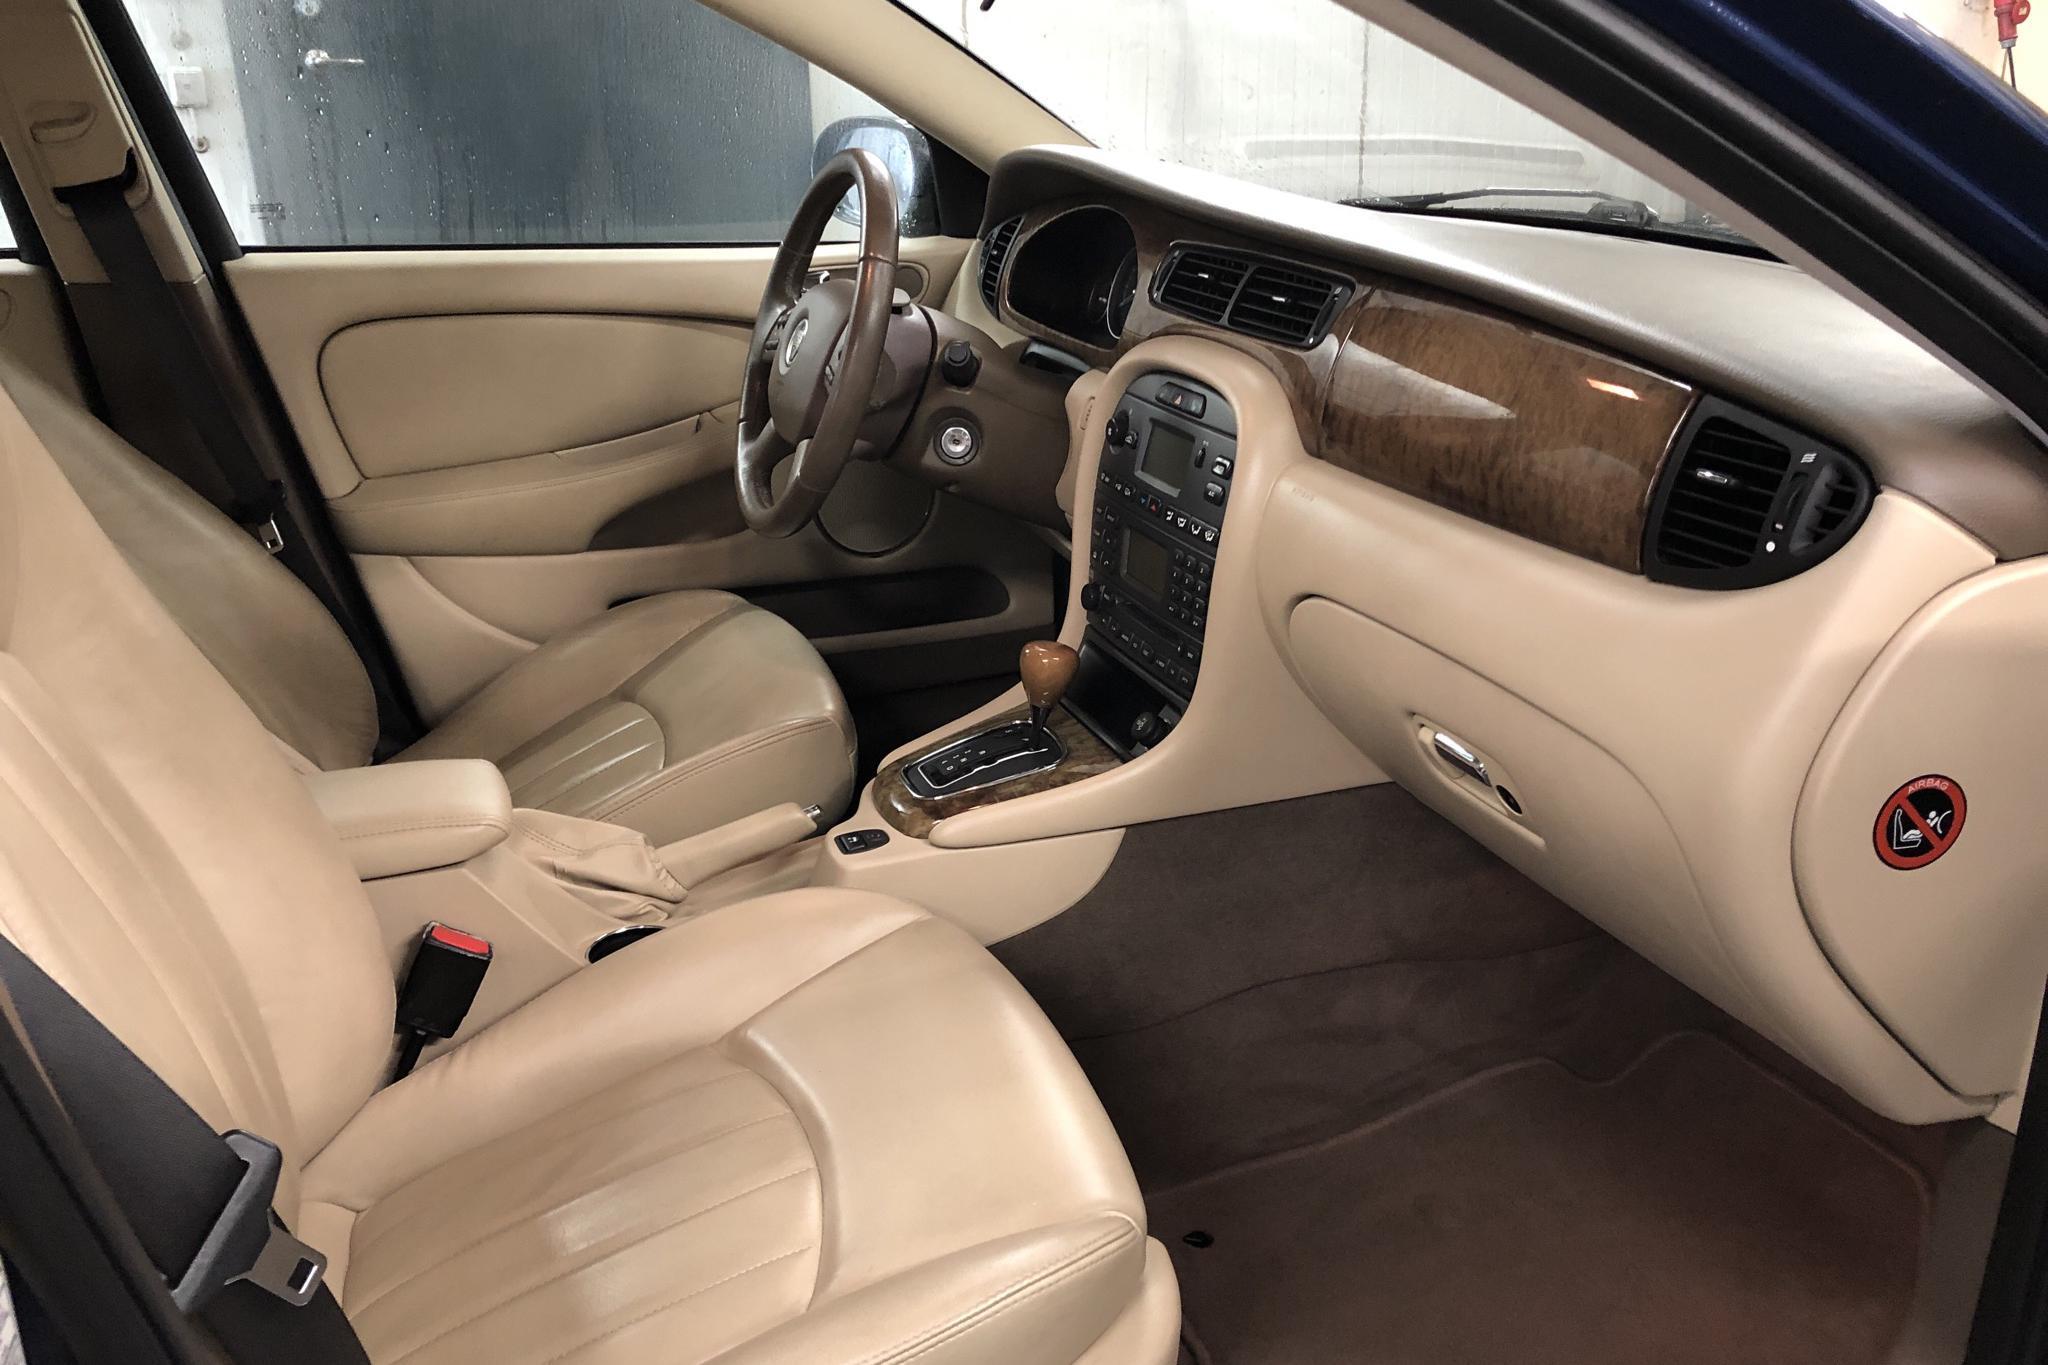 Jaguar X-type 2.0 V6 (155hk) - 16 300 mil - Automat - blå - 2005